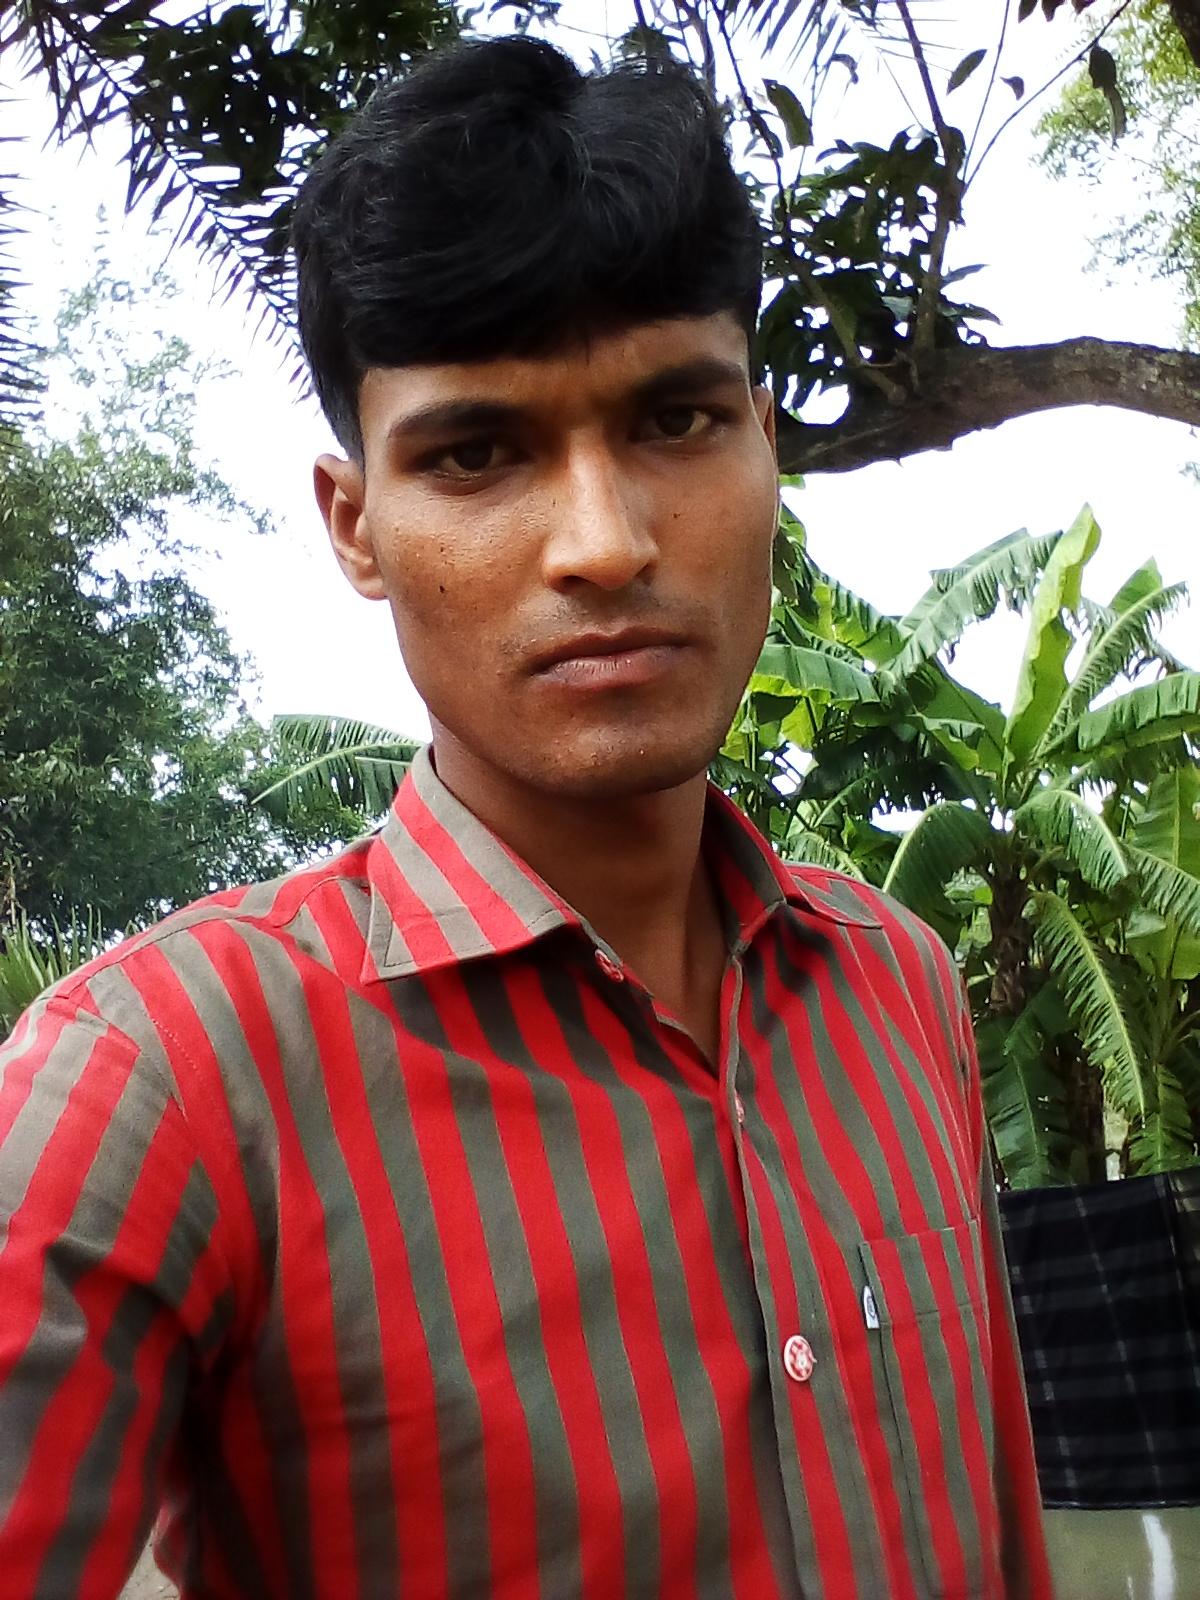 Sojib Ahmed